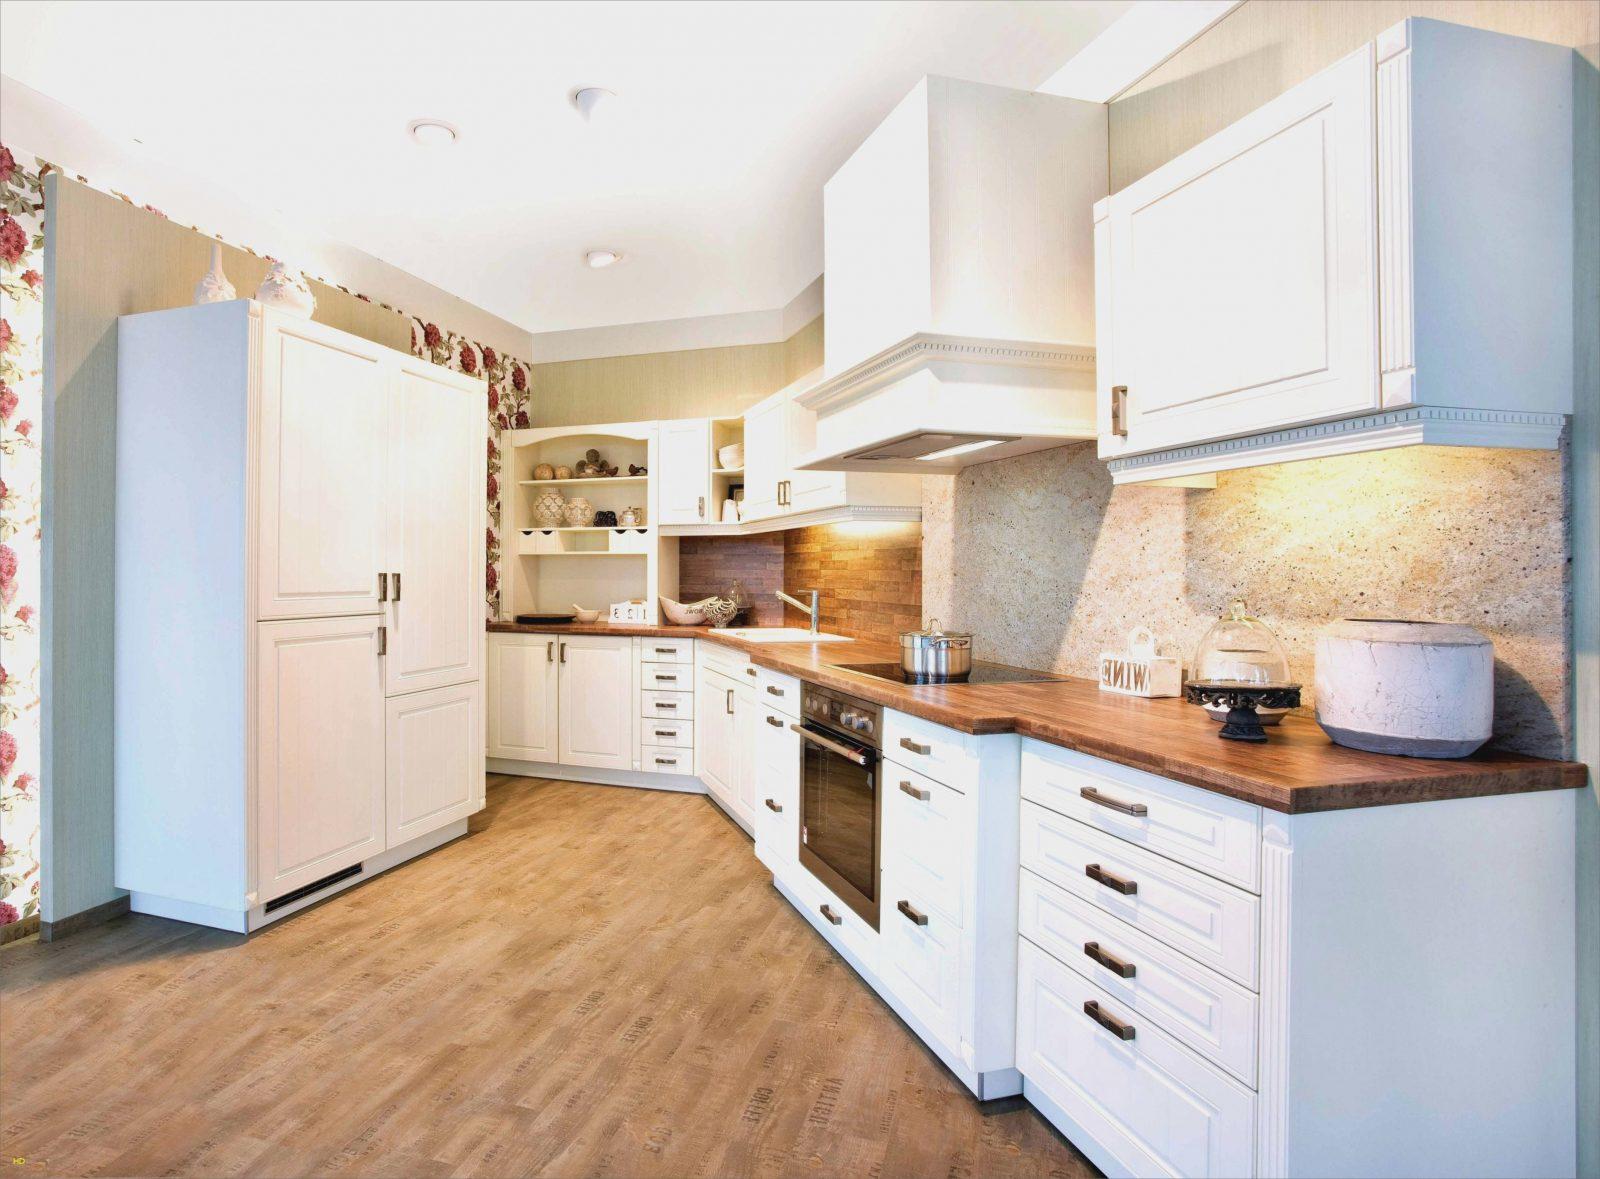 Kleine Schmale Küche Einrichten — Temobardz Home Blog von Kleine Schmale Küche Einrichten Bild